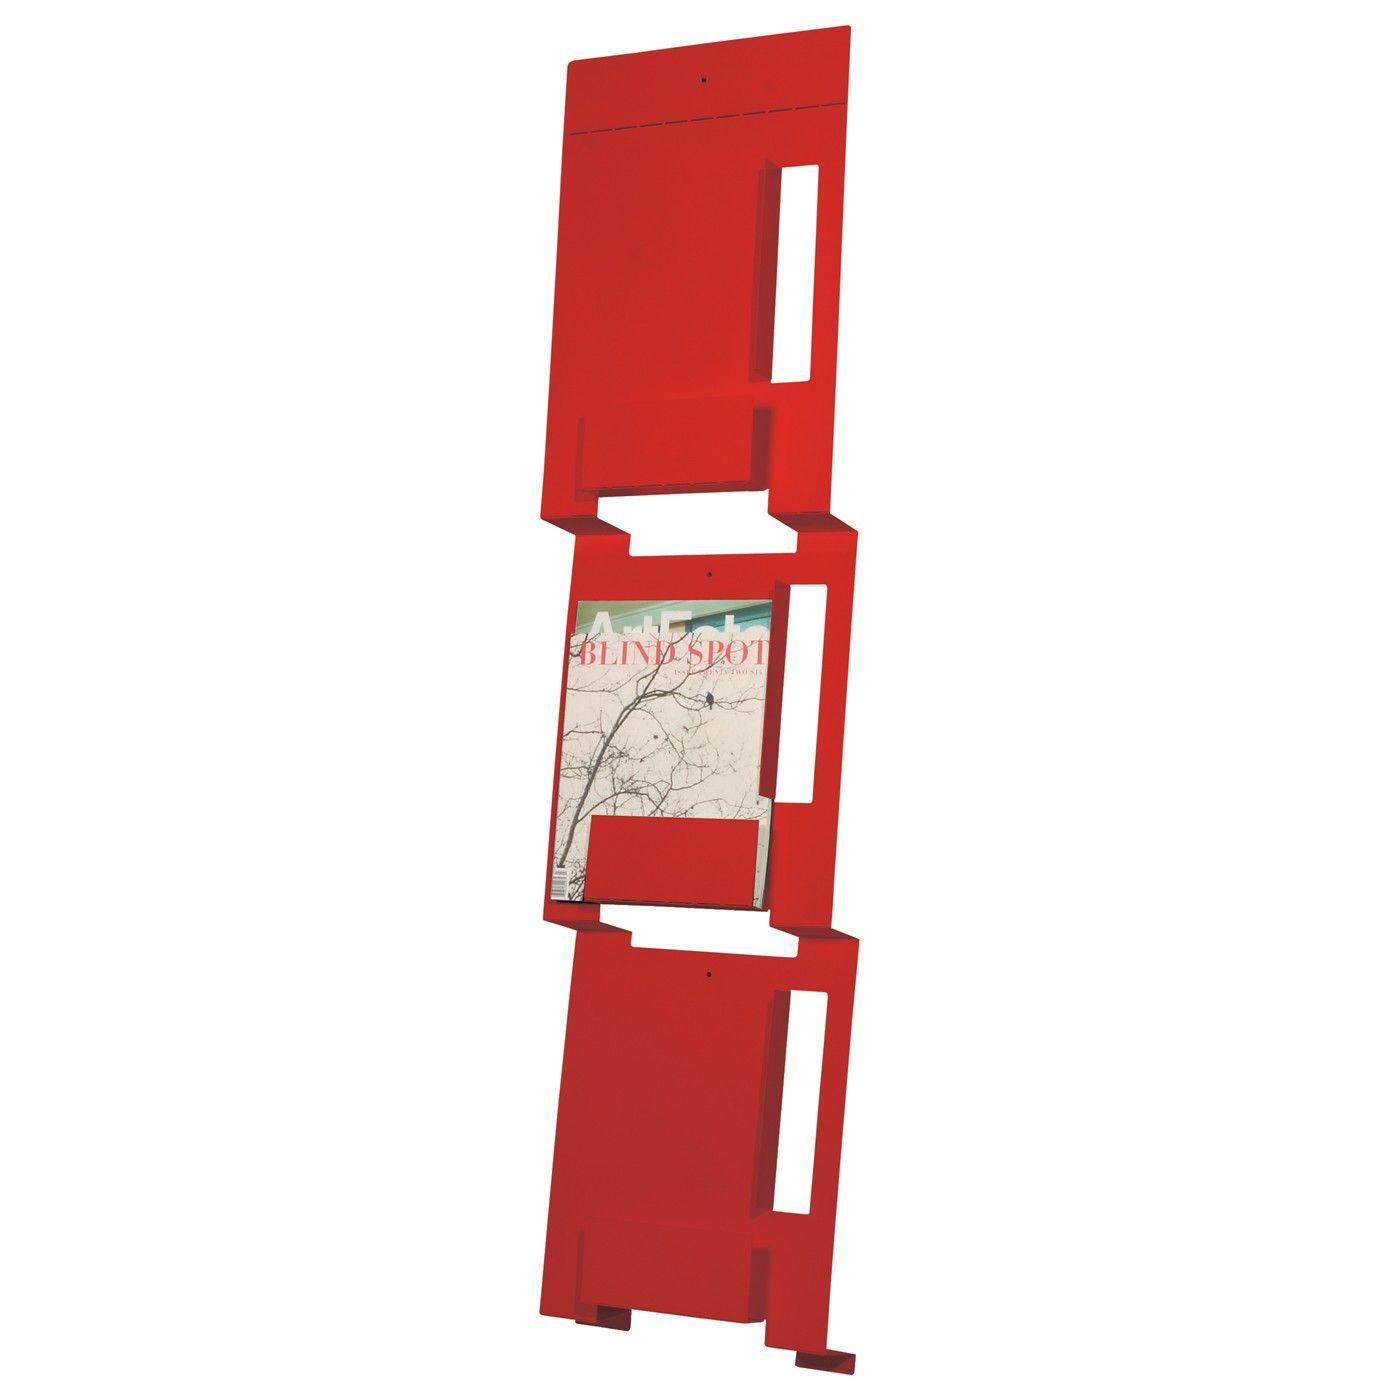 magazine rack office. Modern Office Accessories - 2D:3D Wall Magazine Rack By Blu Dot 4